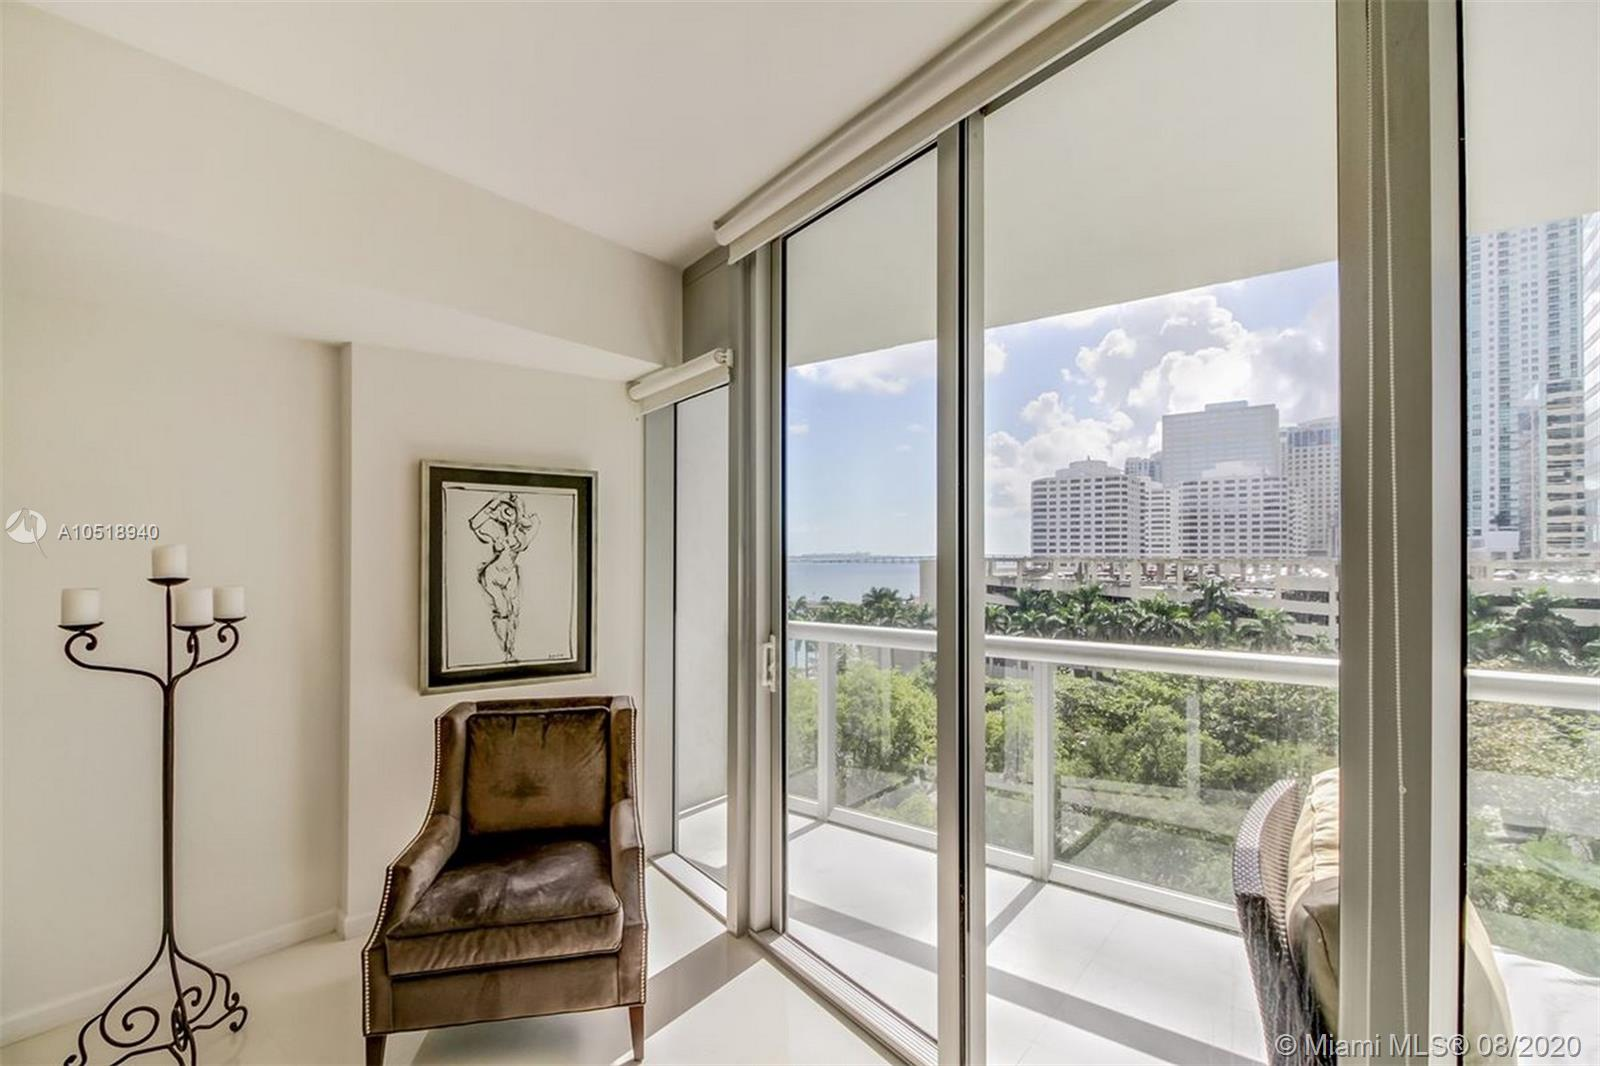 495 Brickell Ave, Miami, FL 33131, Icon Brickell II #809, Brickell, Miami A10518940 image #5